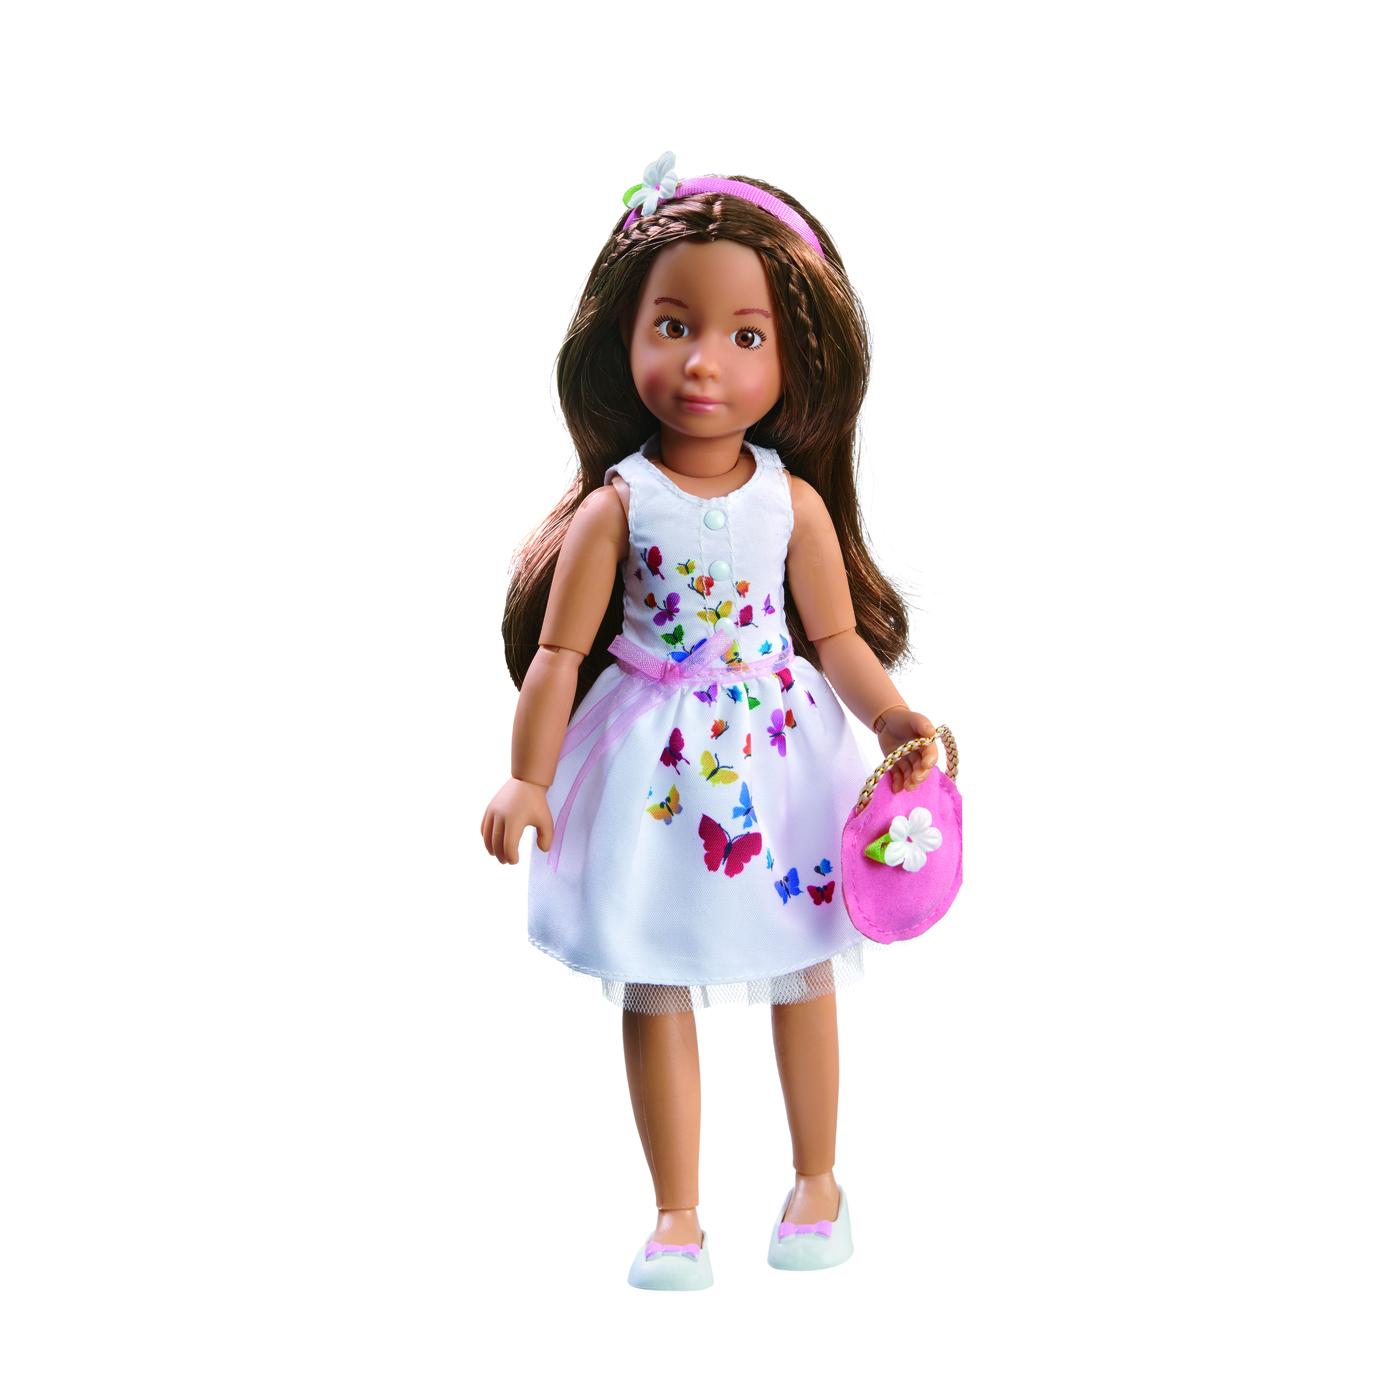 0126852 Кукла София Kruselings в летнем праздничном платье